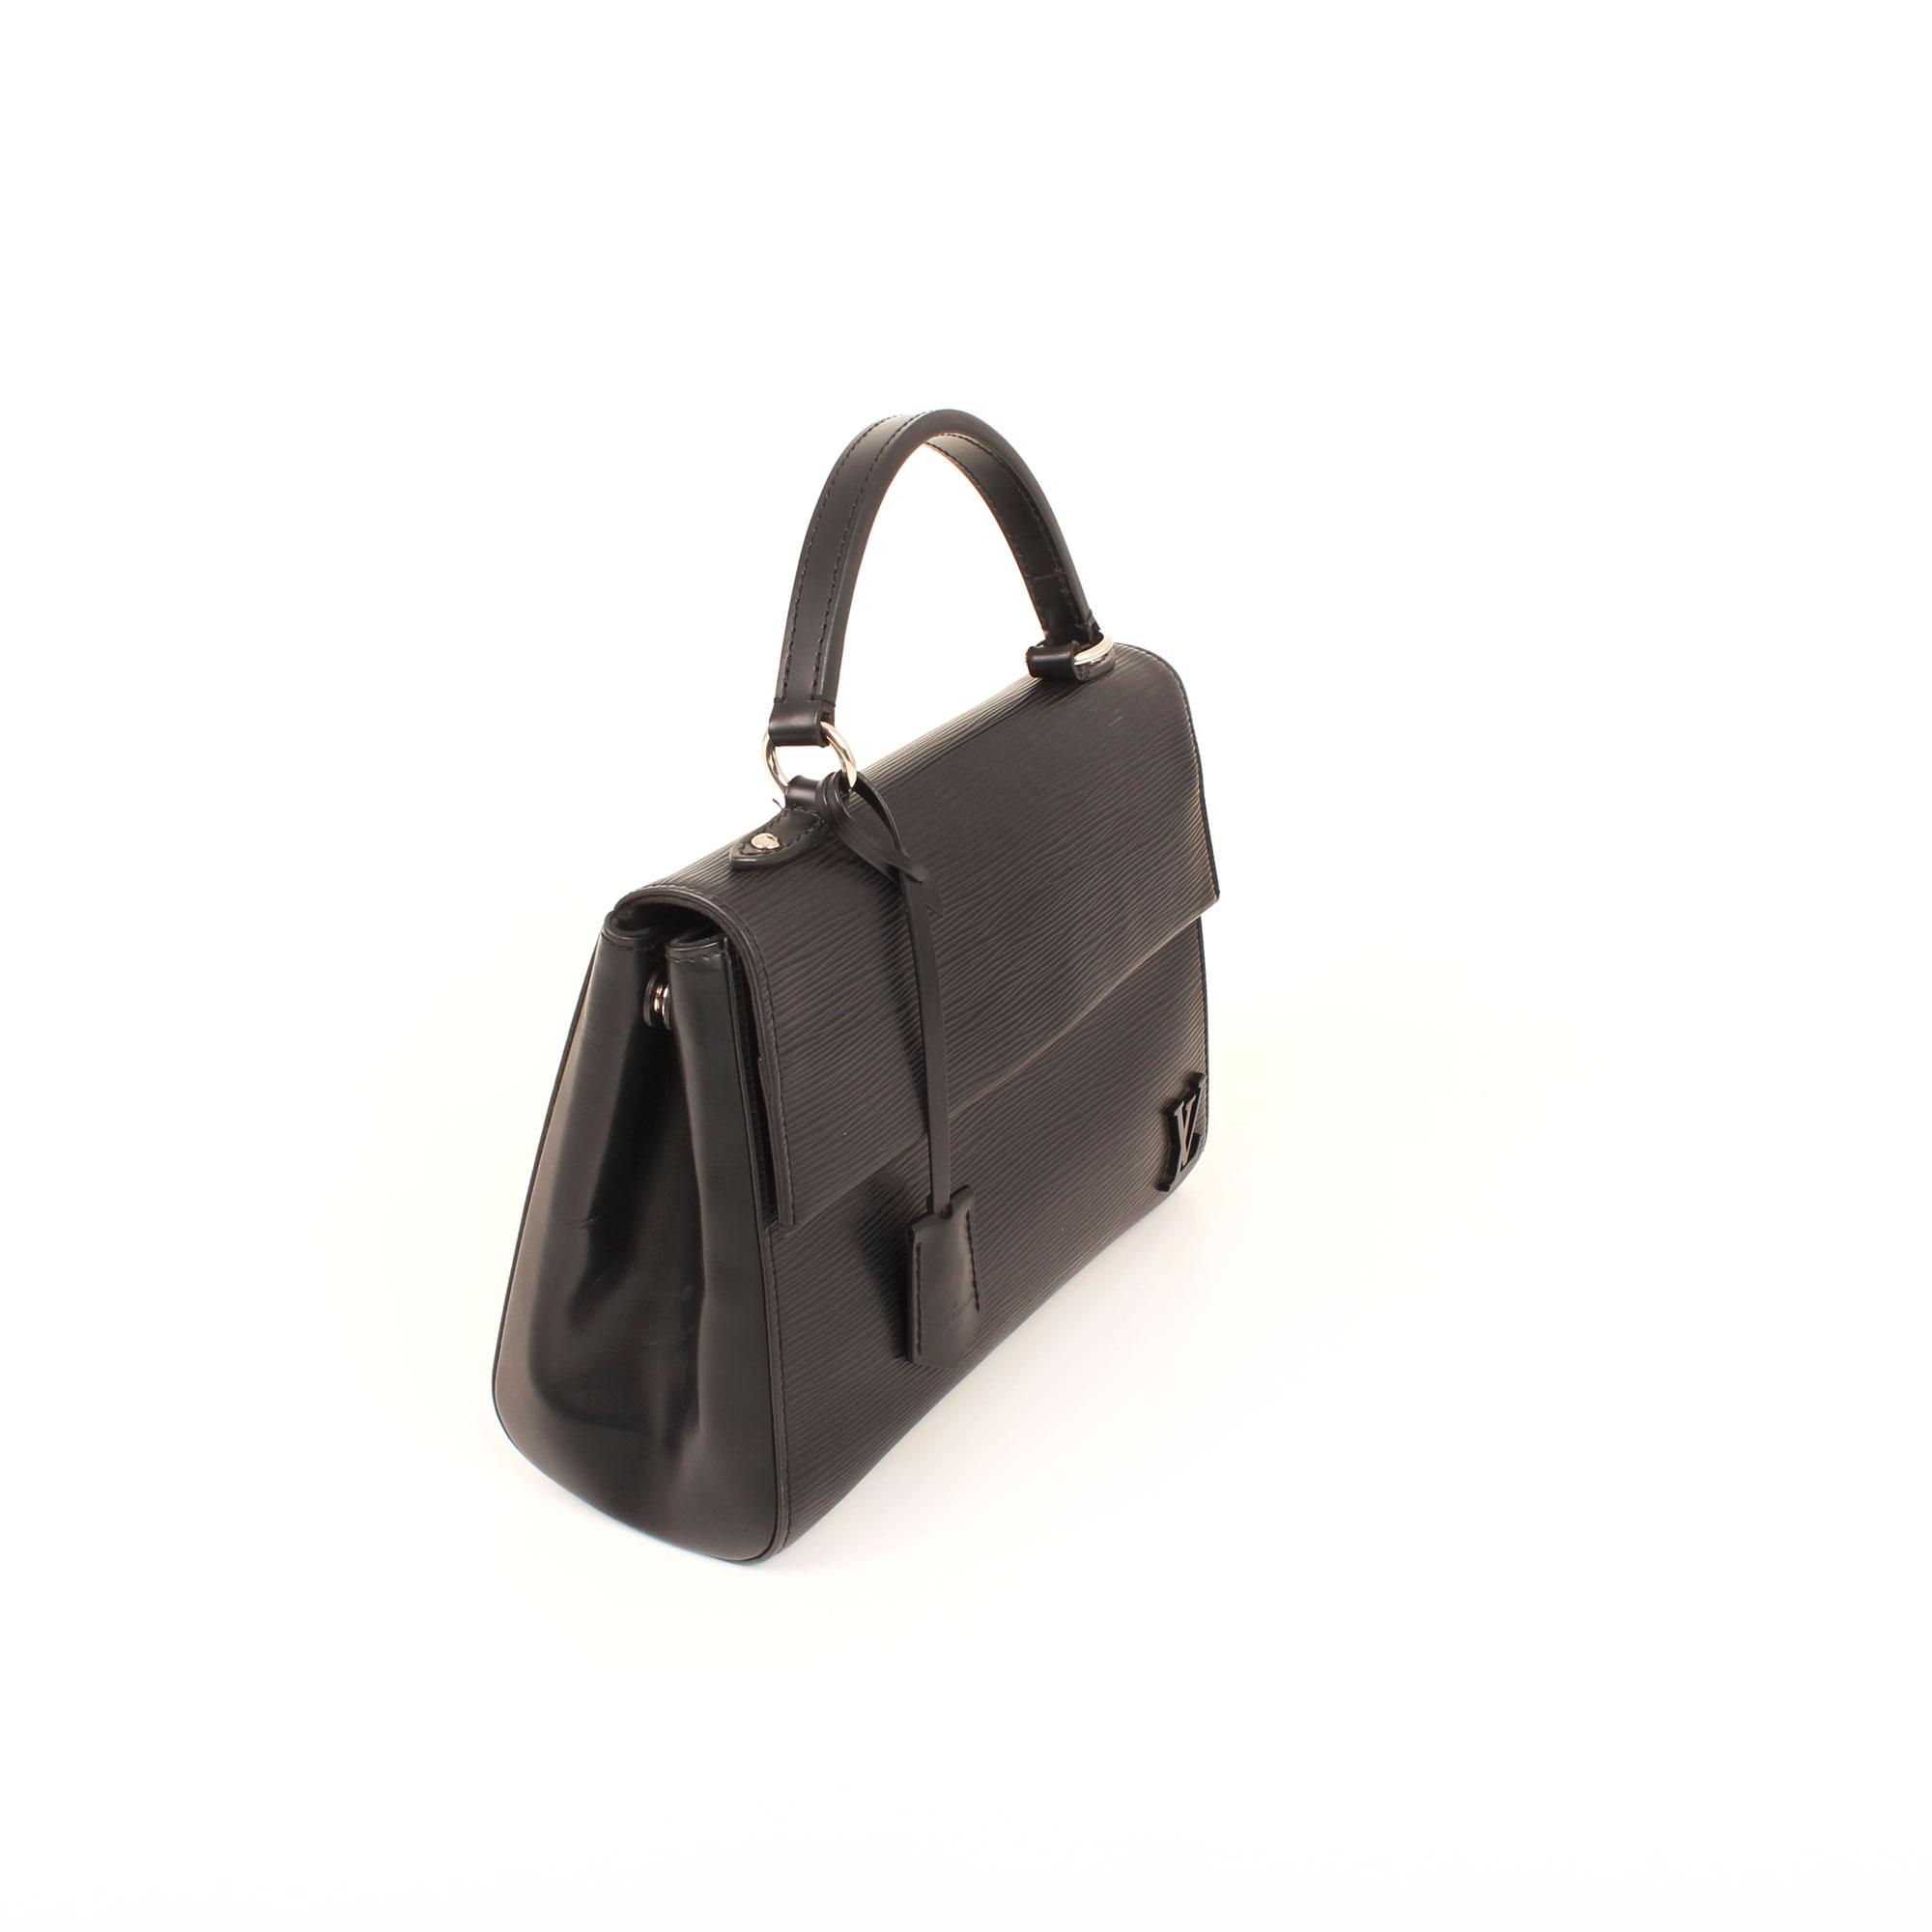 Imagen de los extras del bolso louis vuitton clooney bb negro